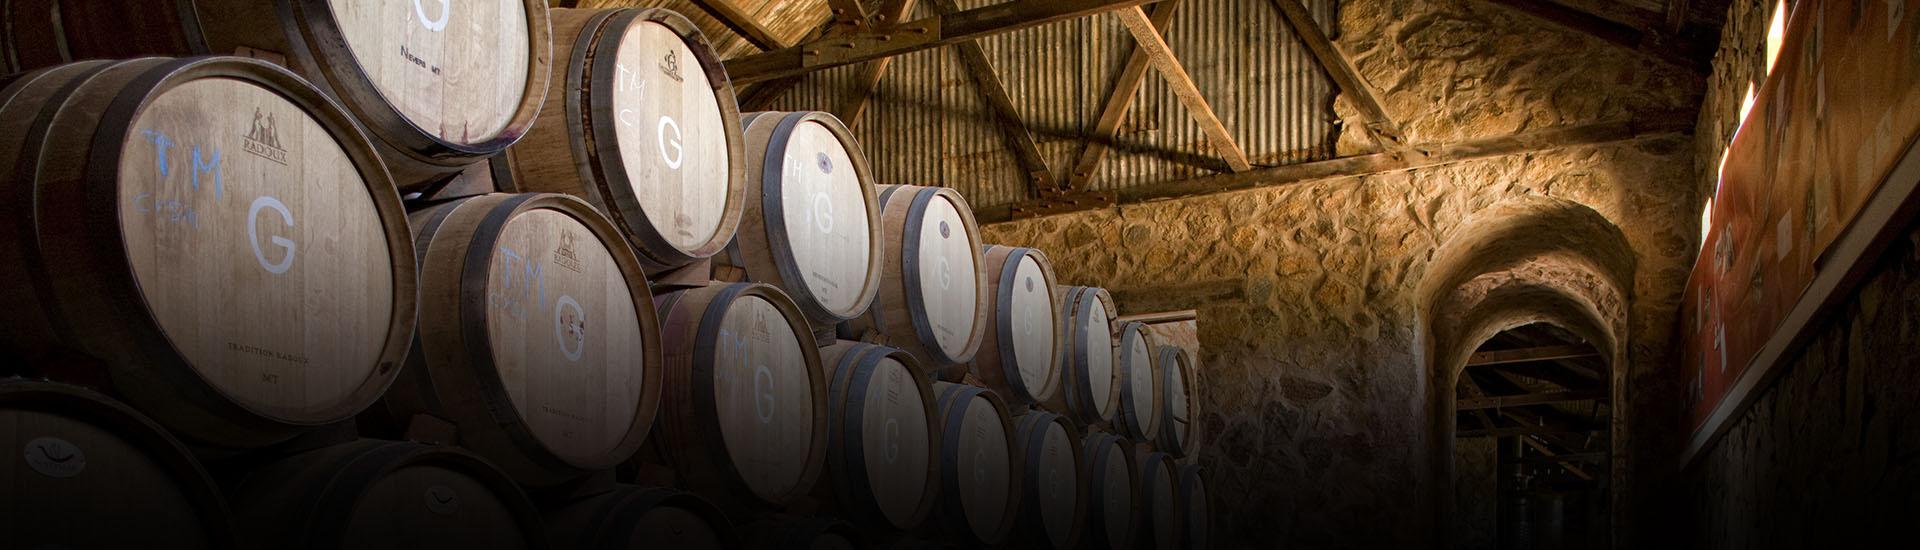 ruta-del-vino-vinicolas-bajacalifornia.jpg